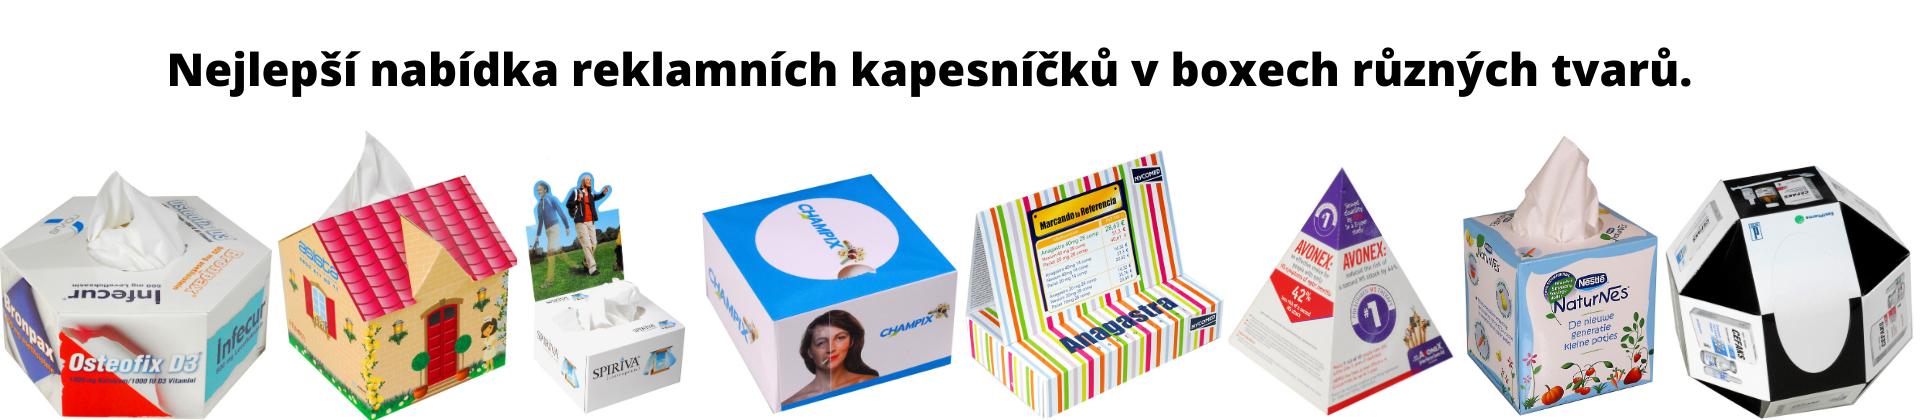 Reklamní kapesníčky s potiskem.png